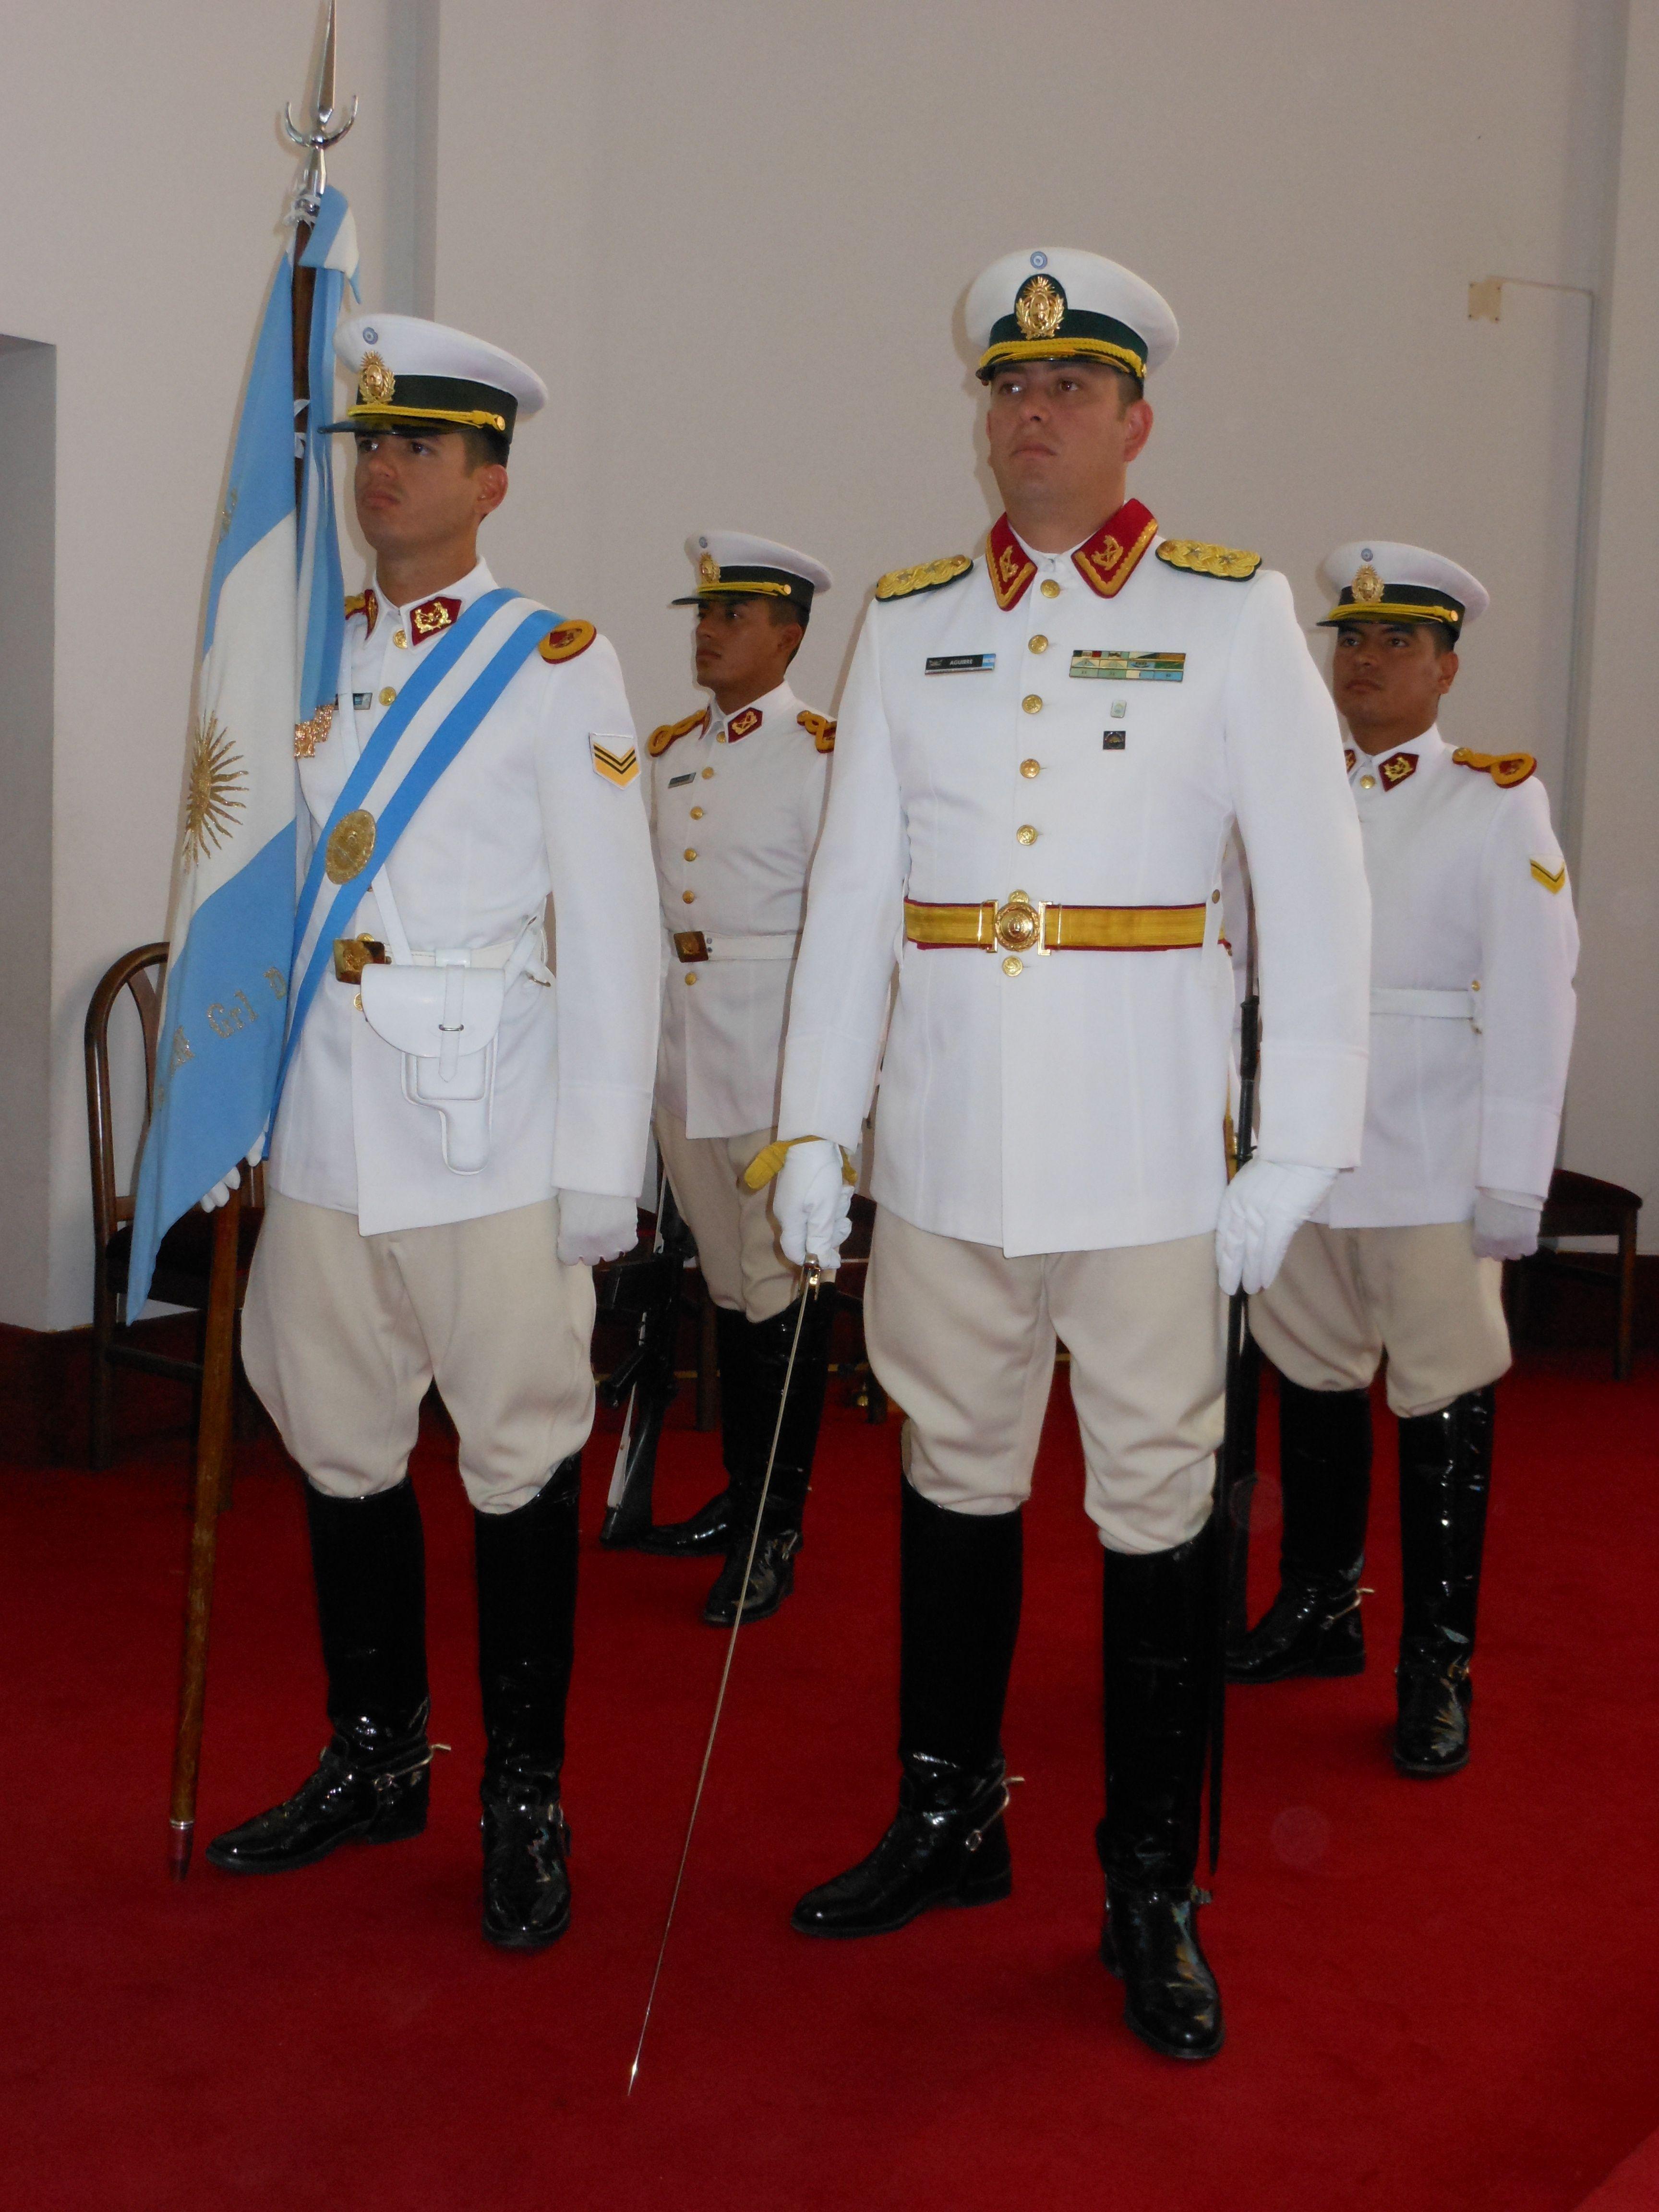 Uniforme de gala verano de cadetes y oficiales de la Escuela de Oficiales  de la Gendarmeria Nacional Argentina   Argentine National Gendarmerie  Officers  ... 4d9782d97f4